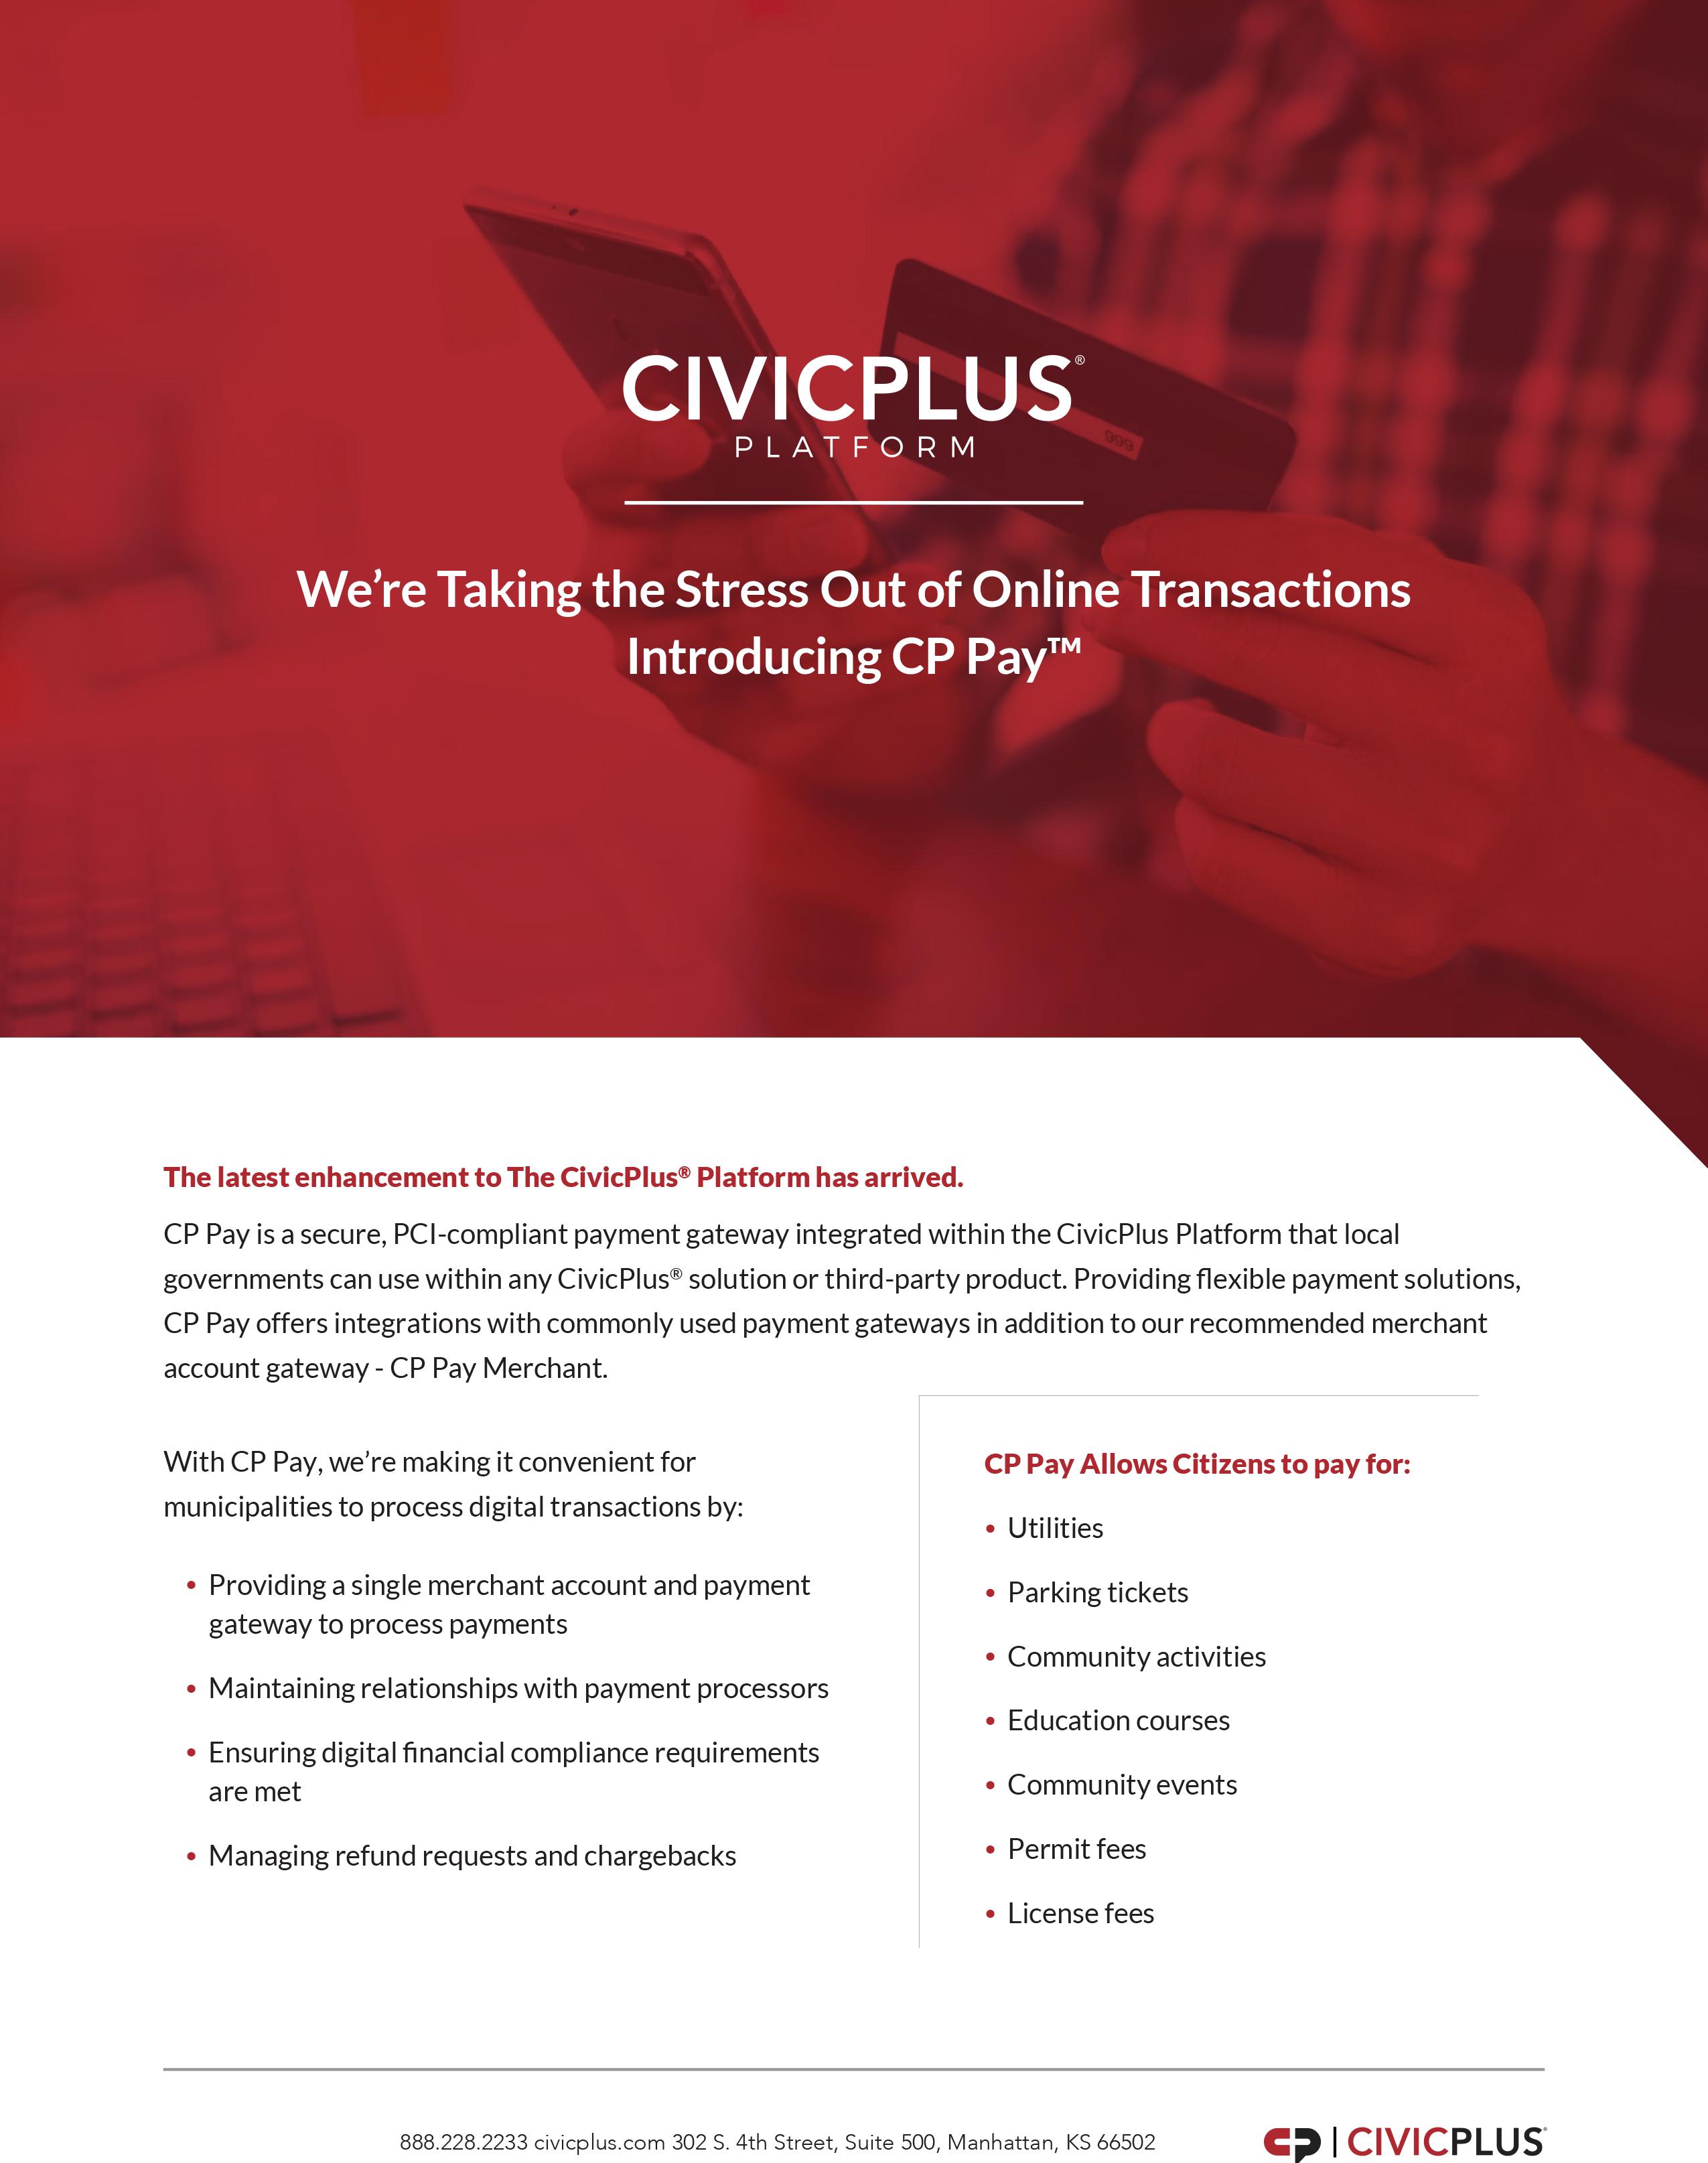 https://cdn2.hubspot.net/hubfs/158743/CivicPlus_Platform_Fact-Sheet_CP_Pay_Cover.png